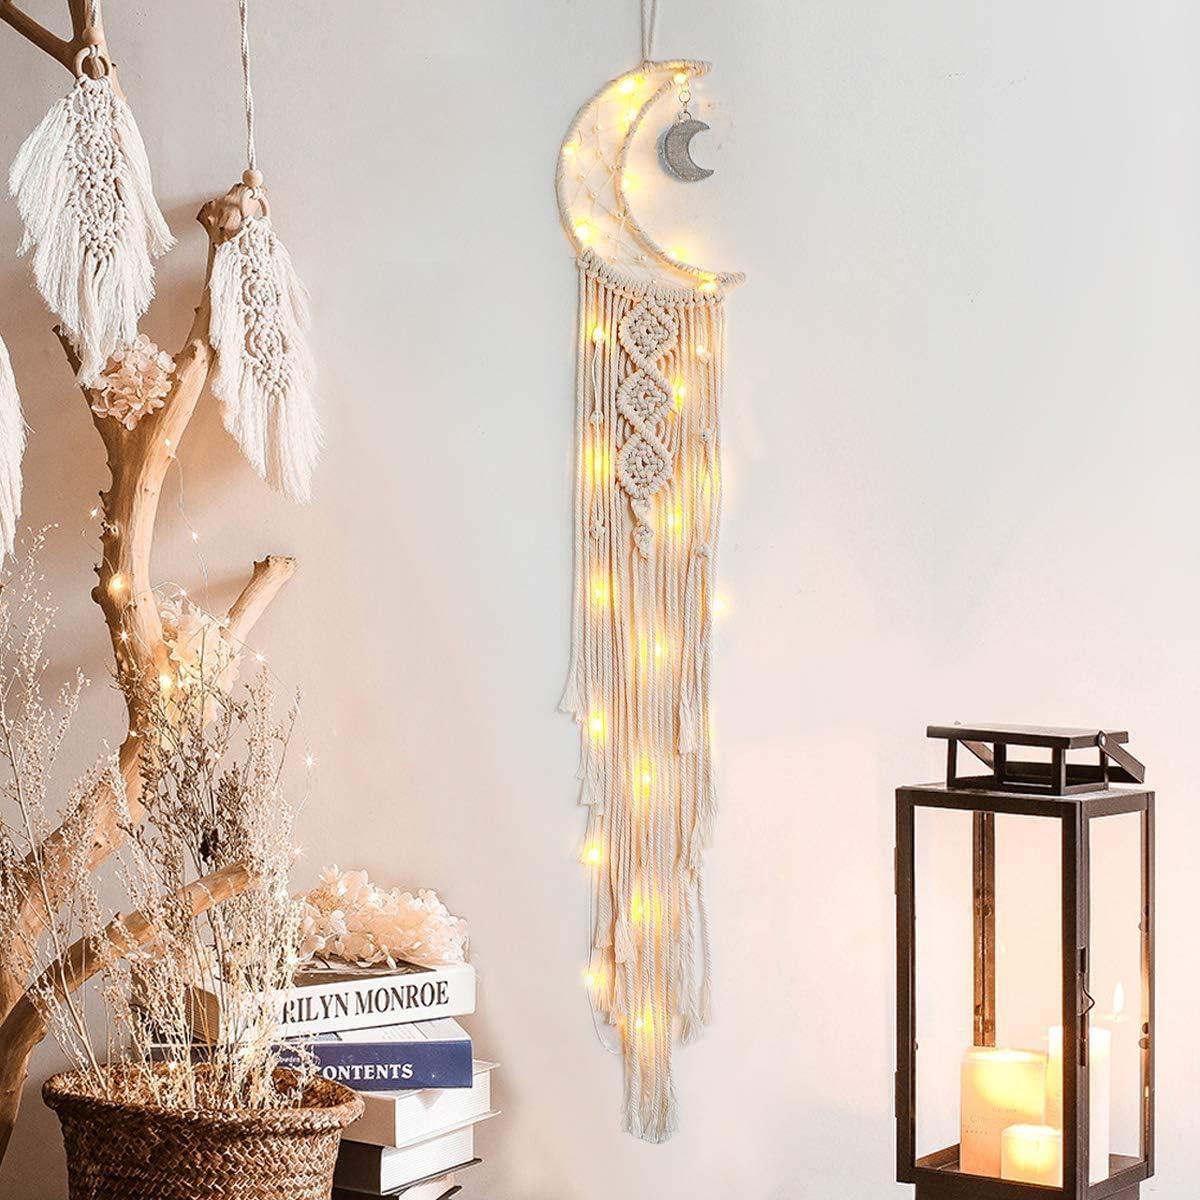 Fait main Cadeau artisanal D/écoration de maison LOMOHOO Attrape-r/êves Grand mur Attrape-r/êves en macram/é Plume tiss/ée